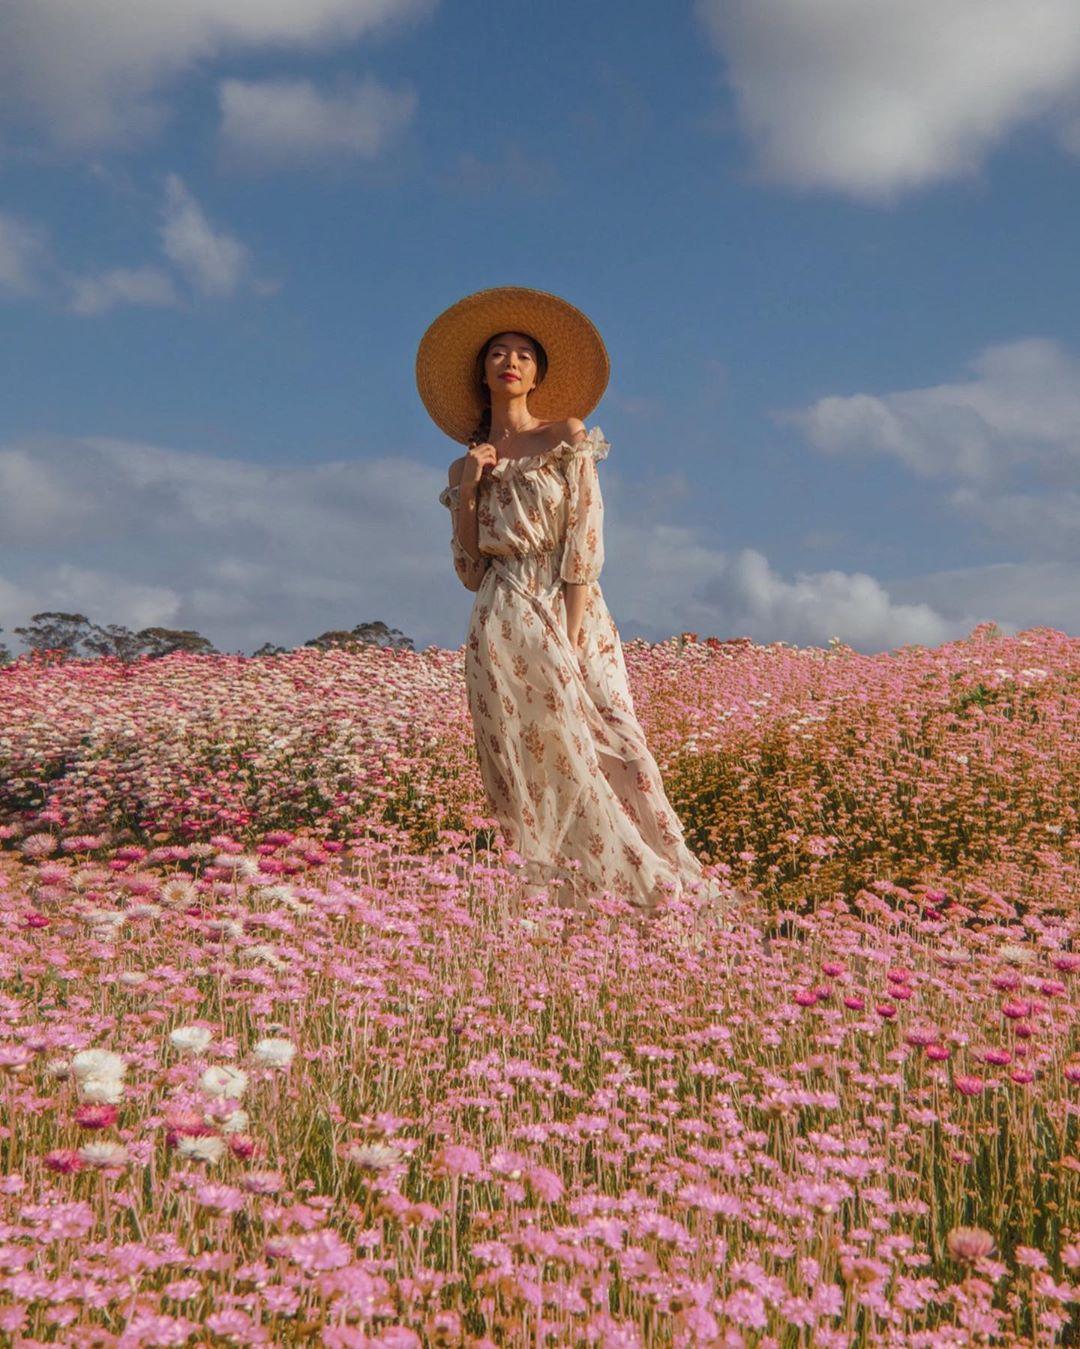 Cô gái mặc váy voan hoa phong cách thời trang Cottagecore trễ vai, đội mũ rộng vành trên cánh đồng hoa